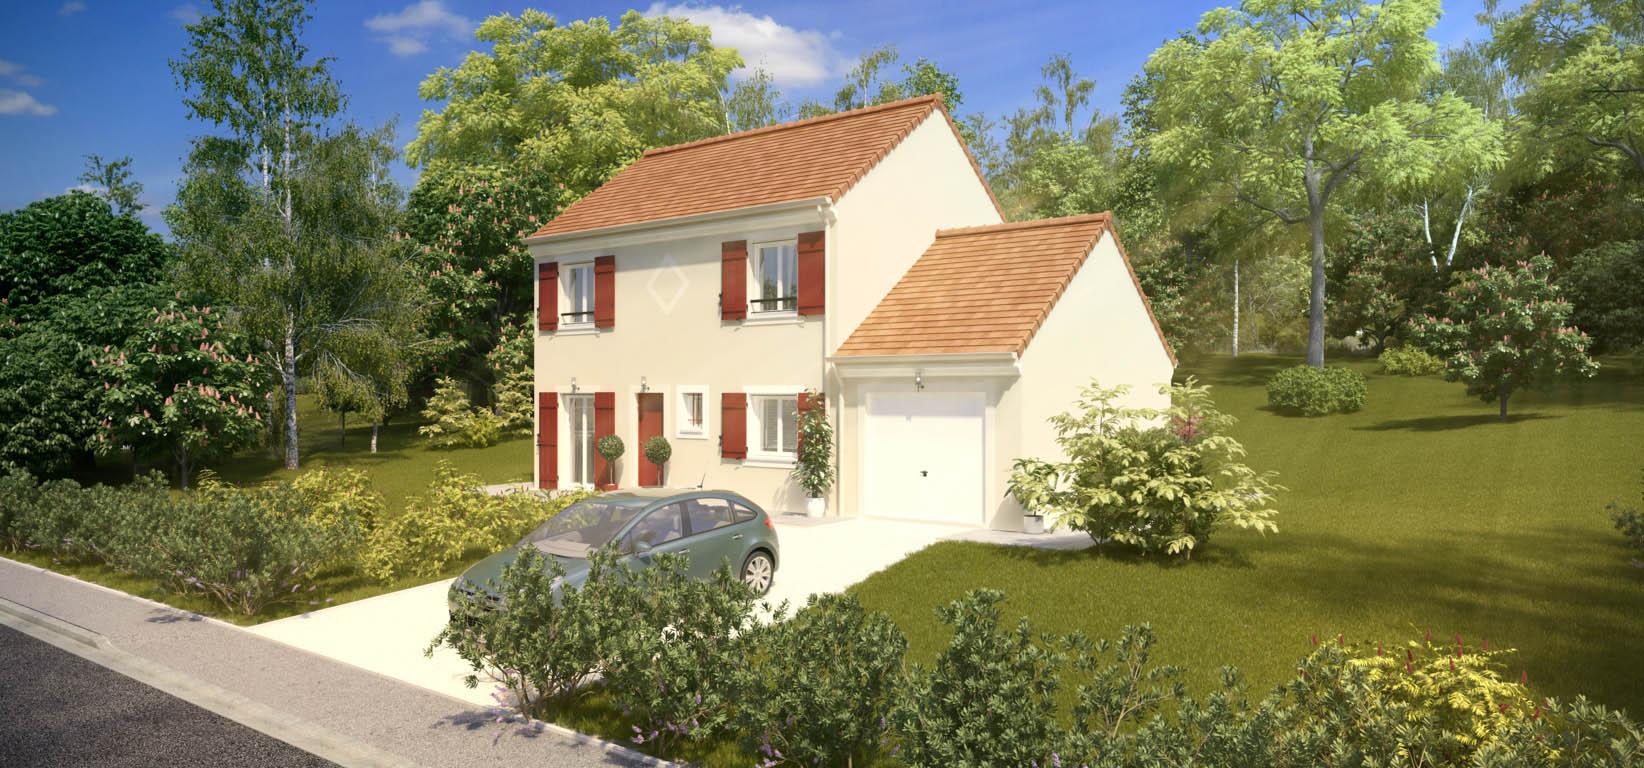 Maisons du constructeur MAISONS PIERRE AULNAY 1 • 87 m² • CLICHY SOUS BOIS